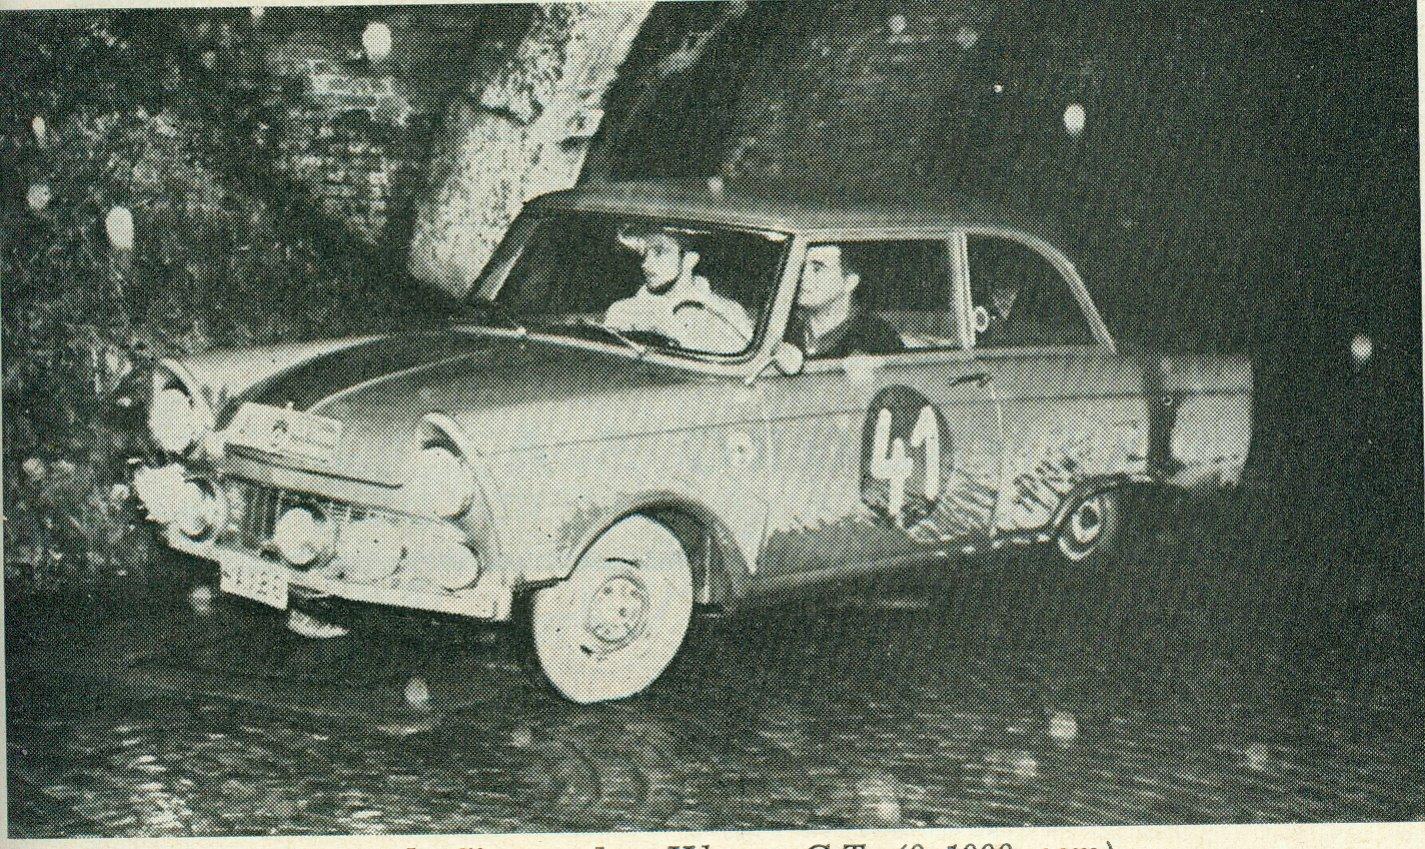 1961 Tour de Belgique